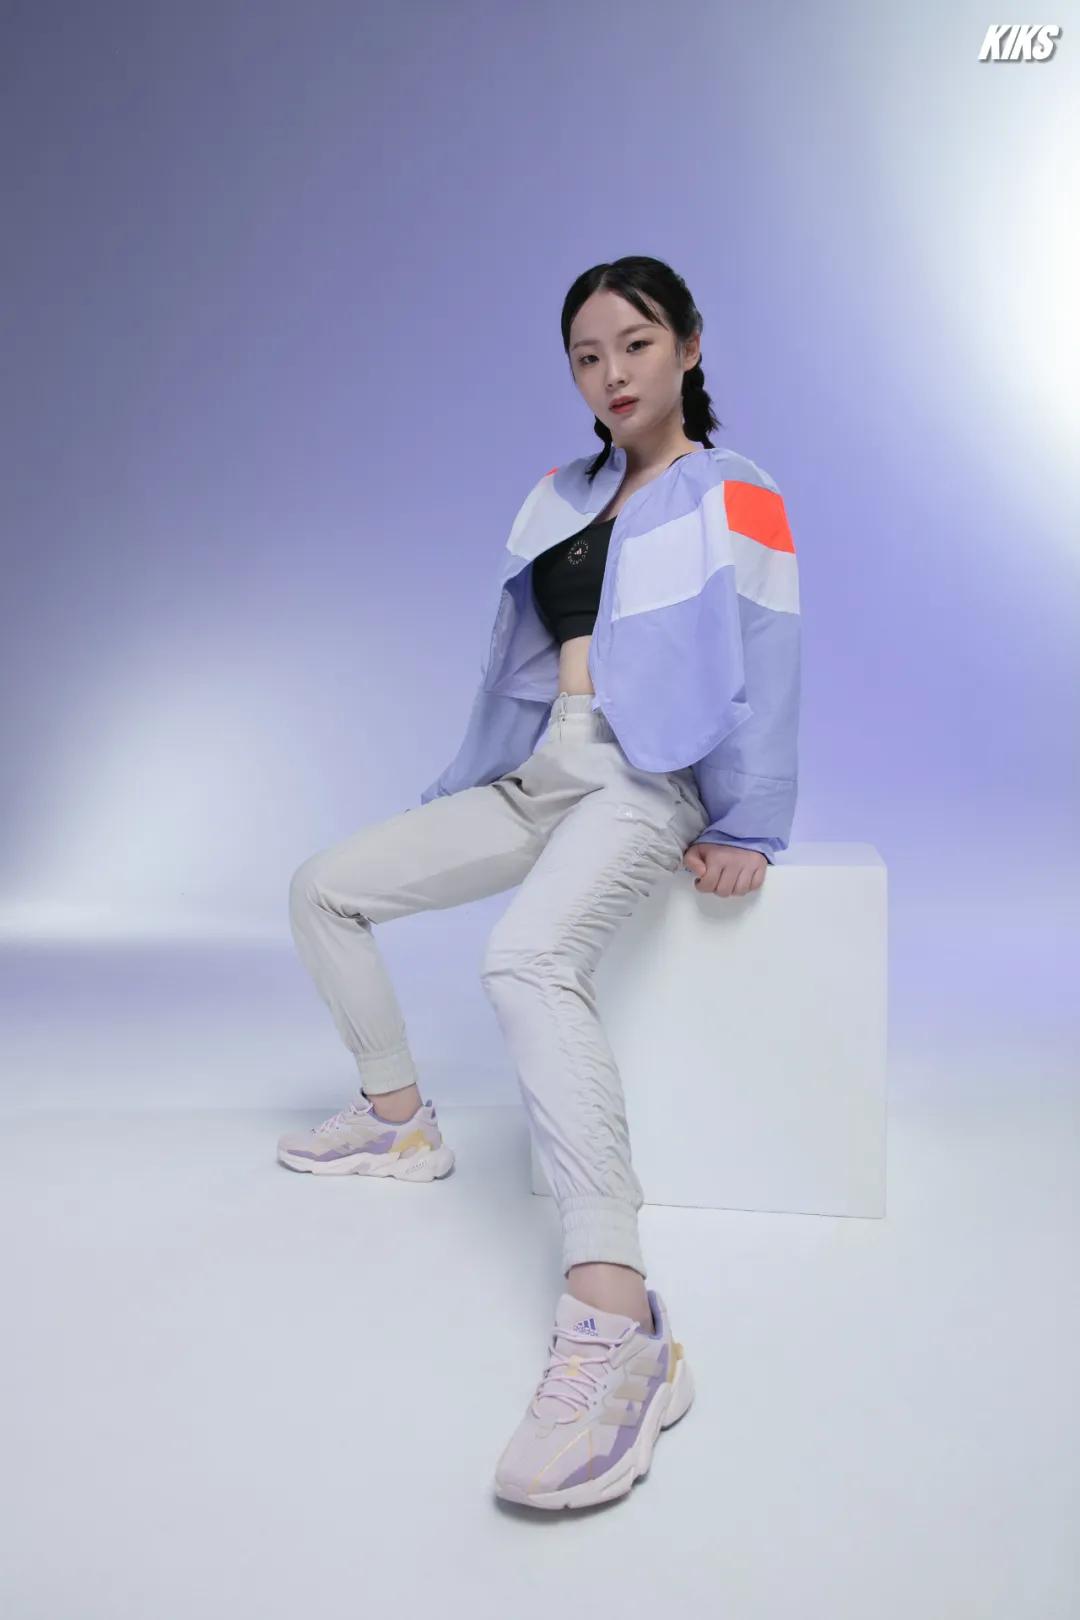 阿迪达斯宣布合作LGD.Girls 战队,助力女子电竞发展